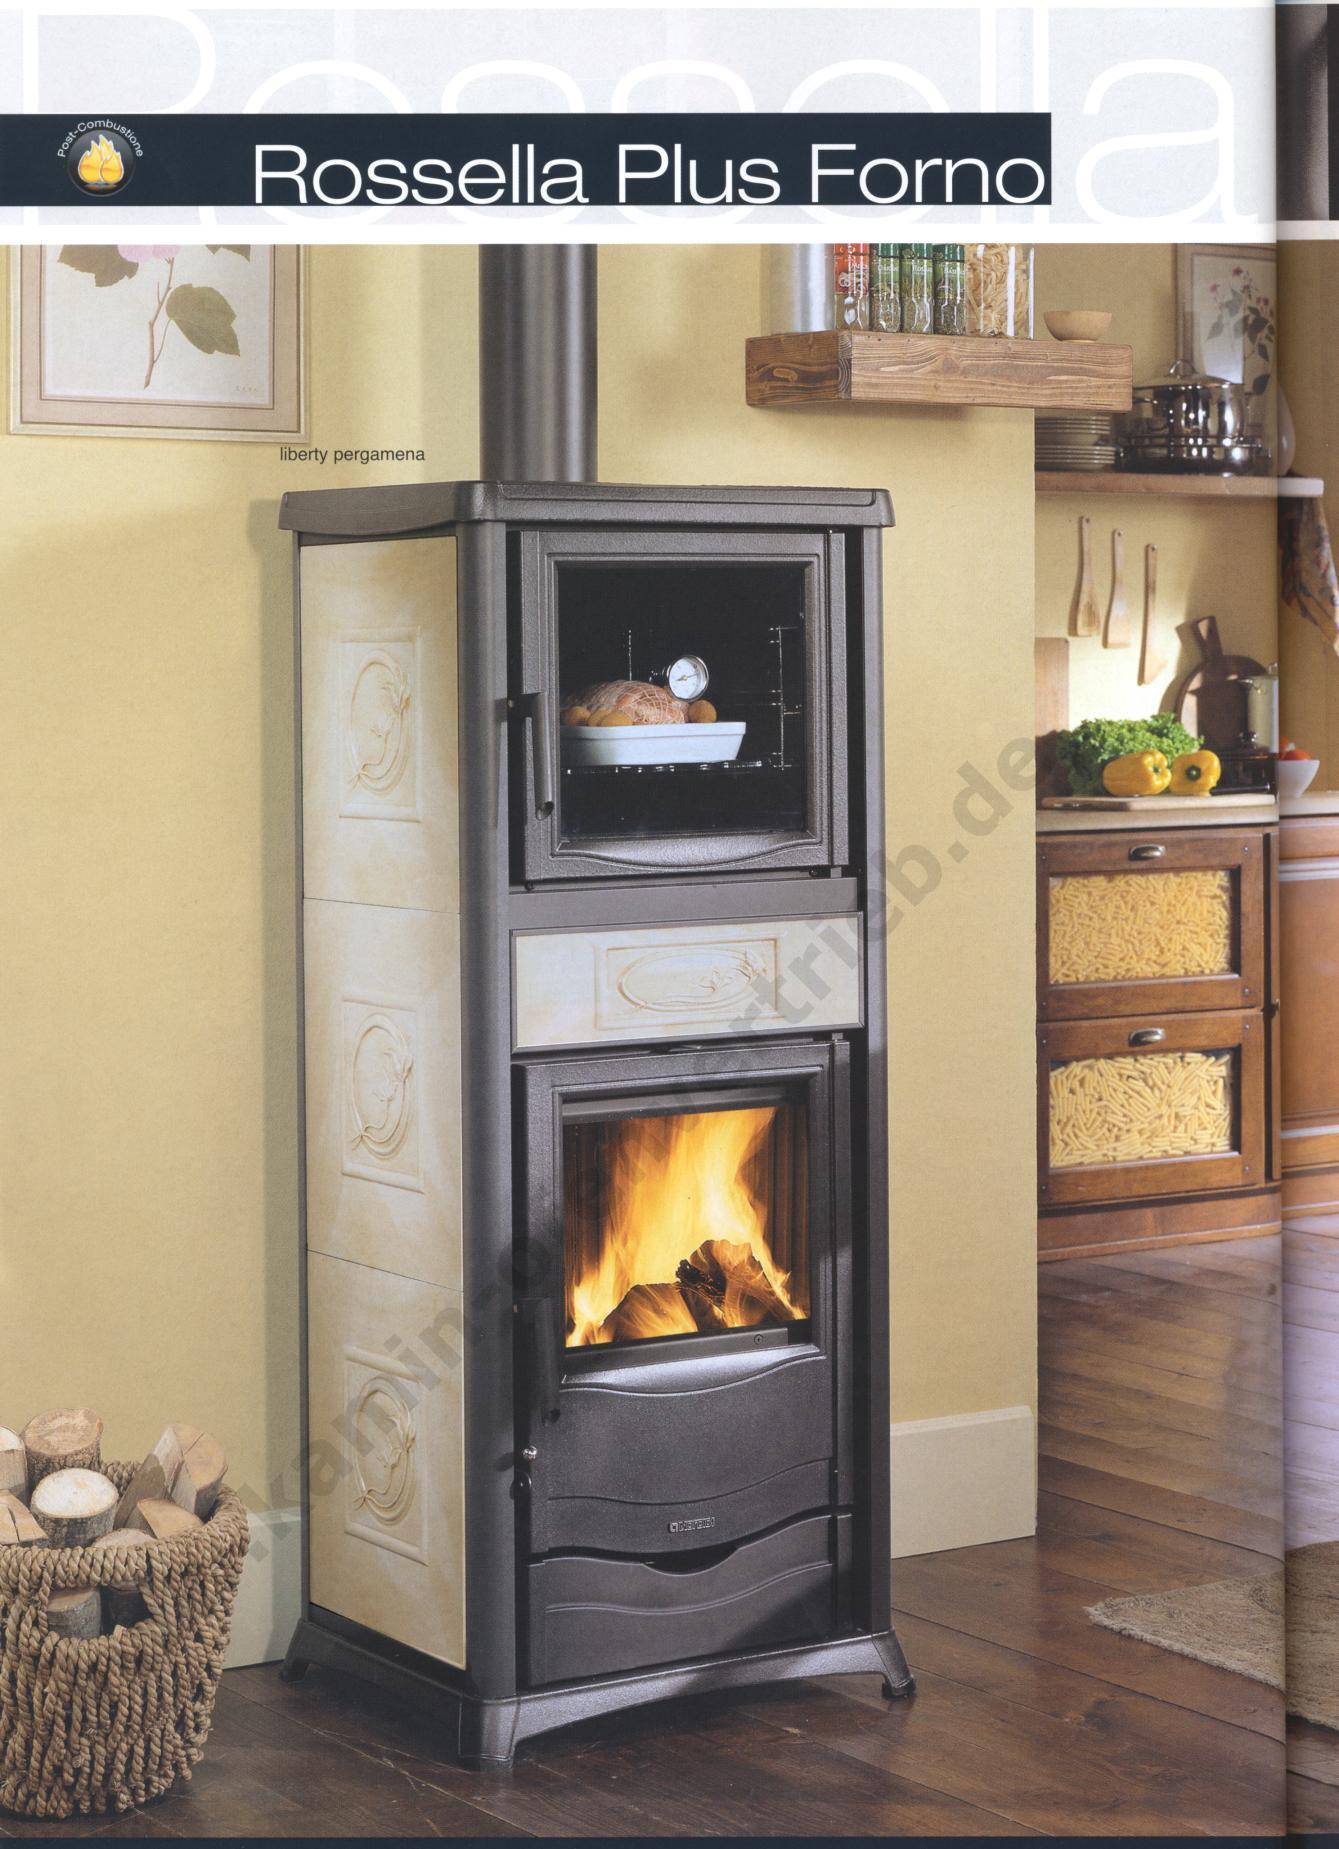 kaminofen la nordica rossella plus und rossella plus forno. Black Bedroom Furniture Sets. Home Design Ideas